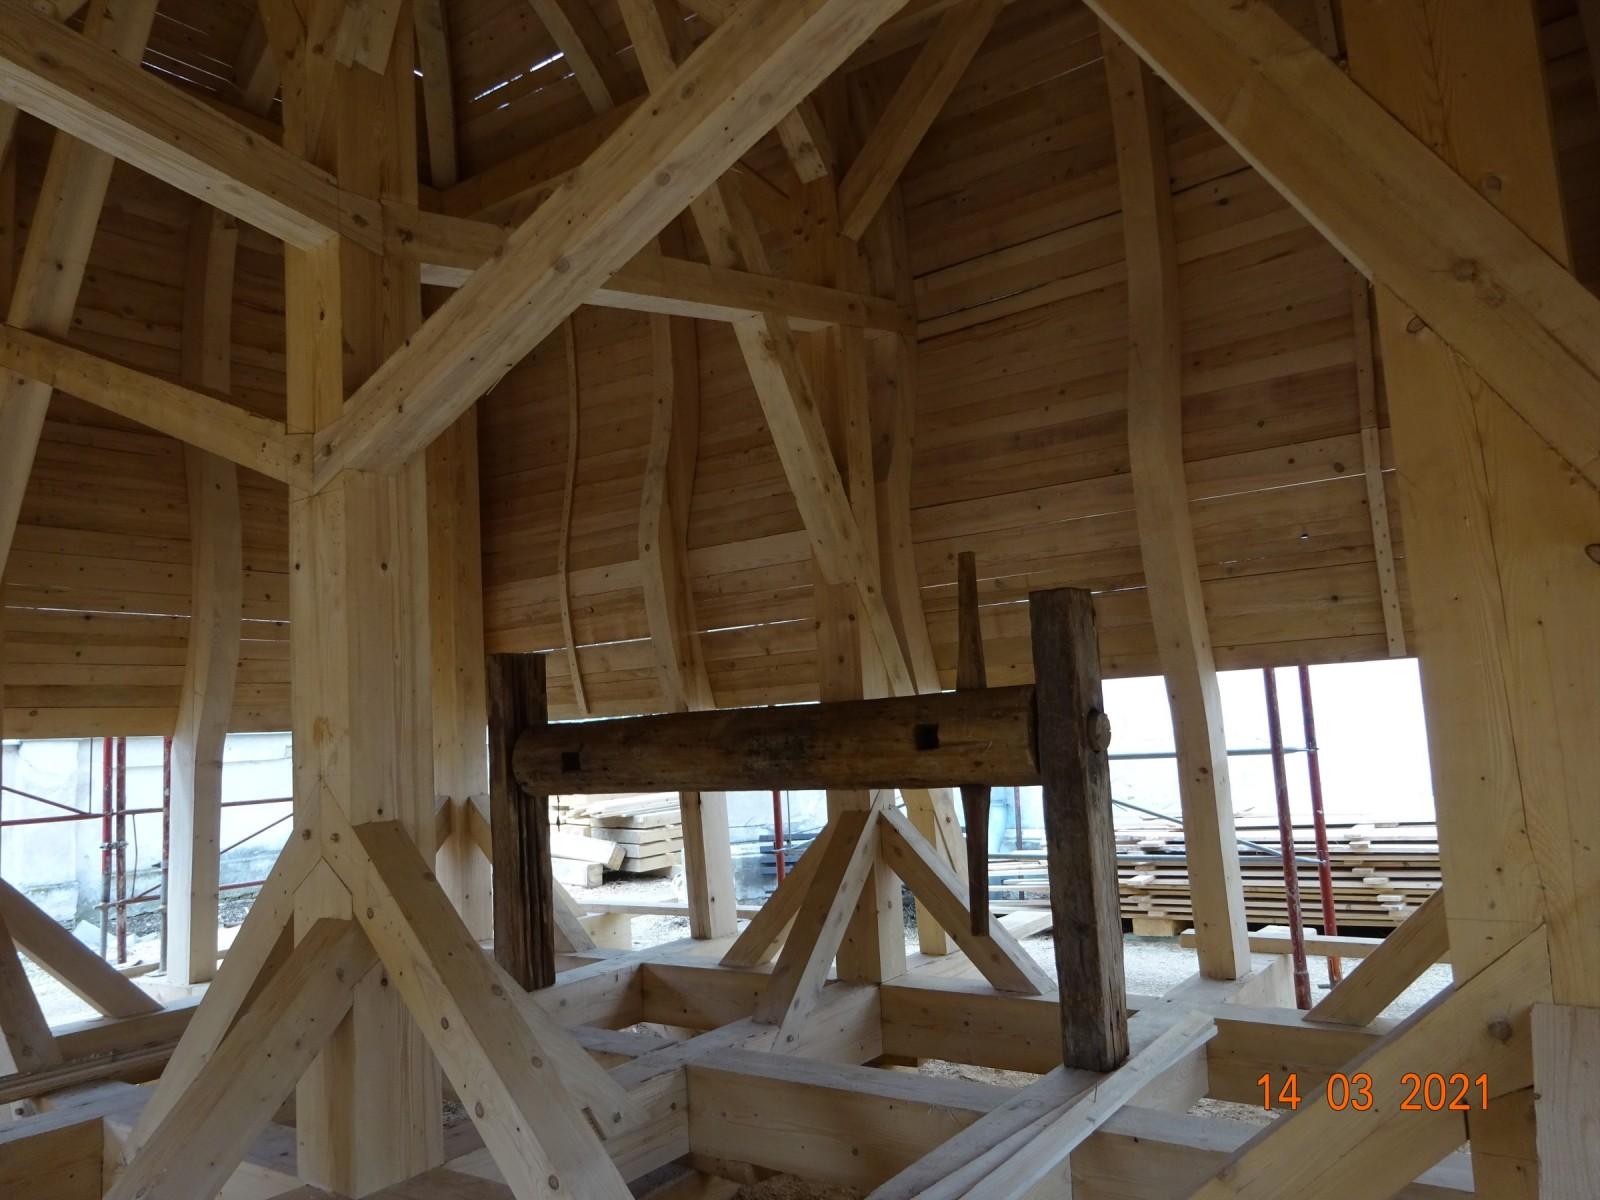 Nová střecha věže s deskovým záklopem a původním rumpálem pro zvedání trámů.